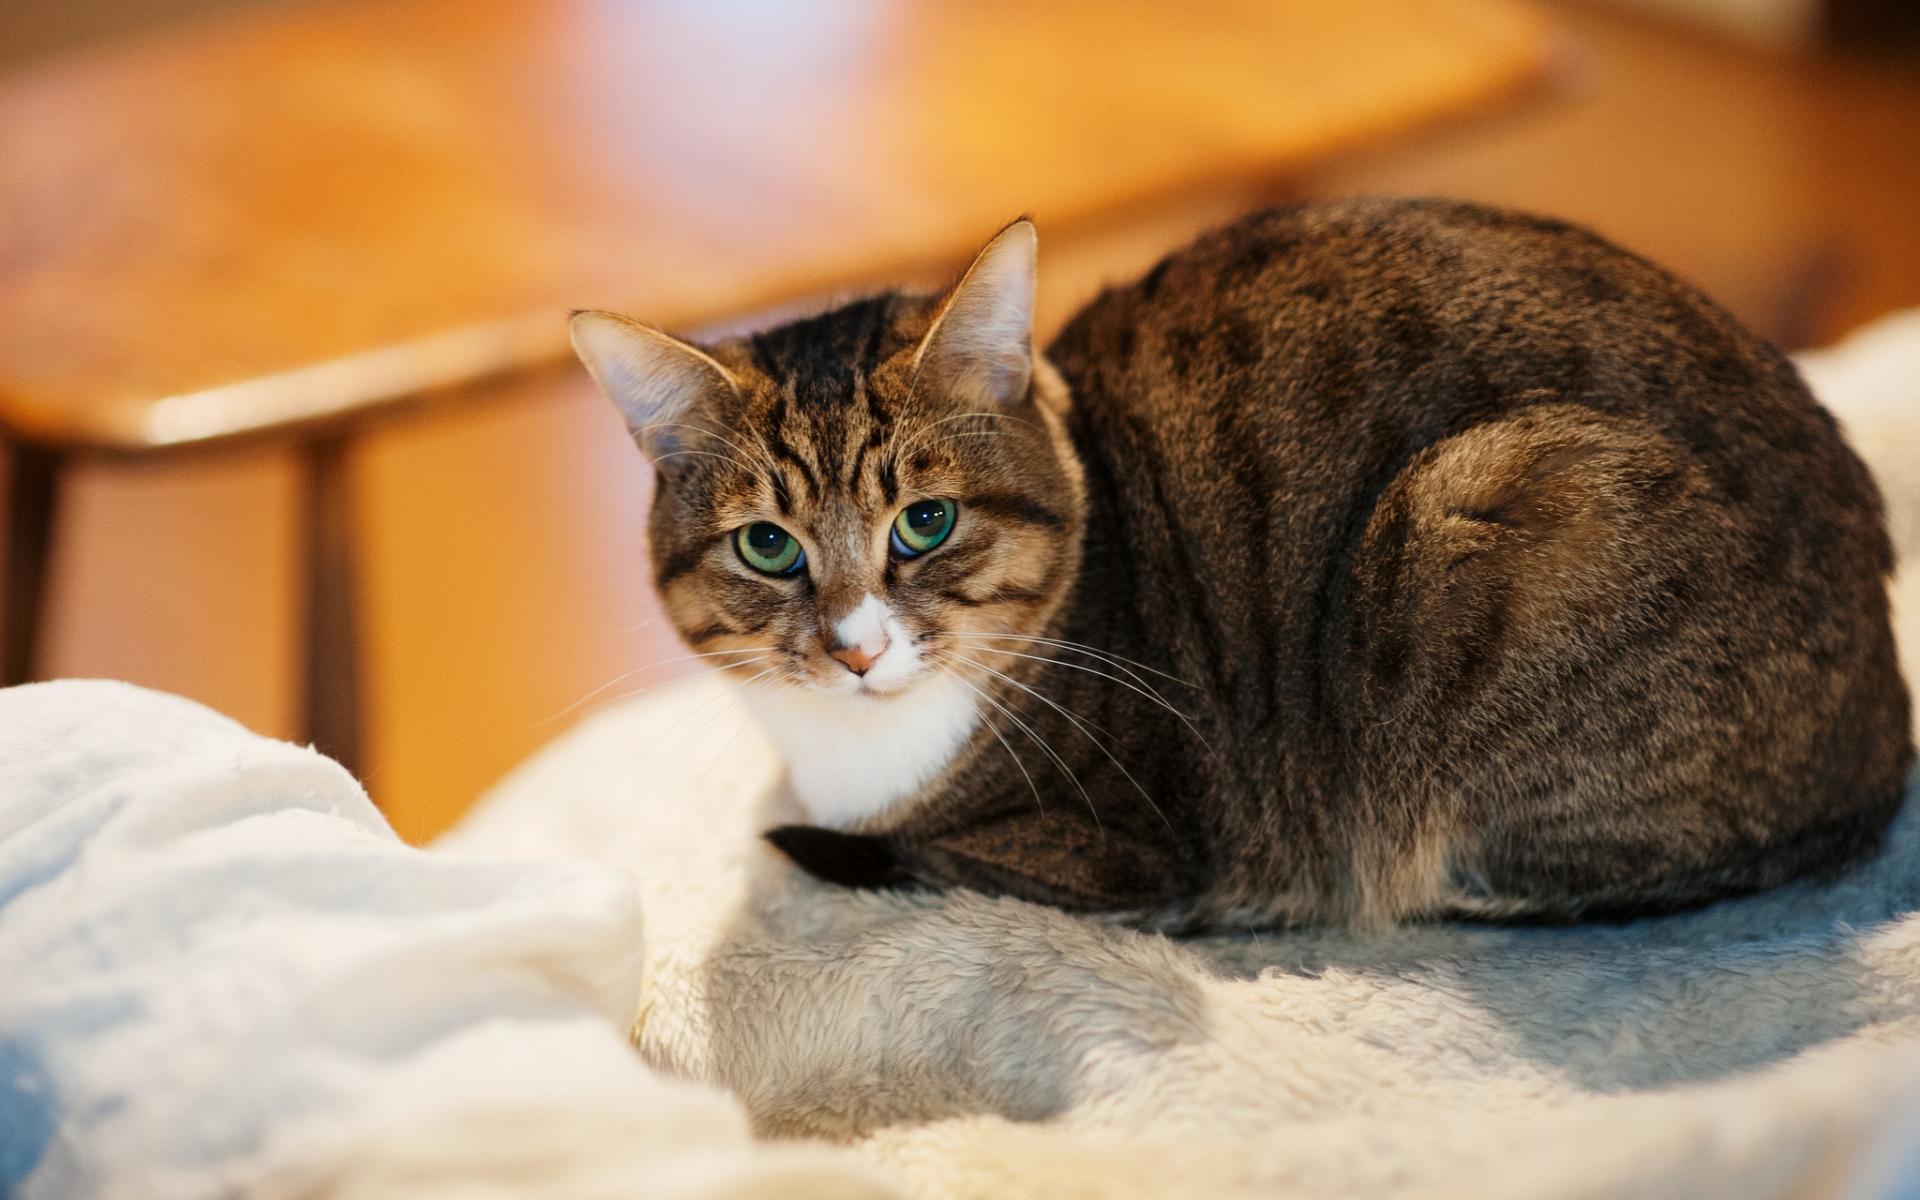 Un gato mirandote - 1920x1200